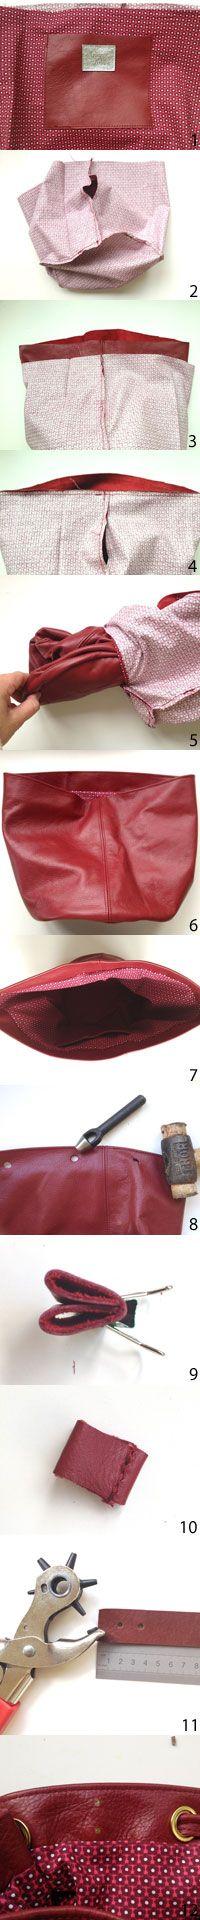 Make a drawstring bucket bag :: How to make a handbag :: allaboutyou.com